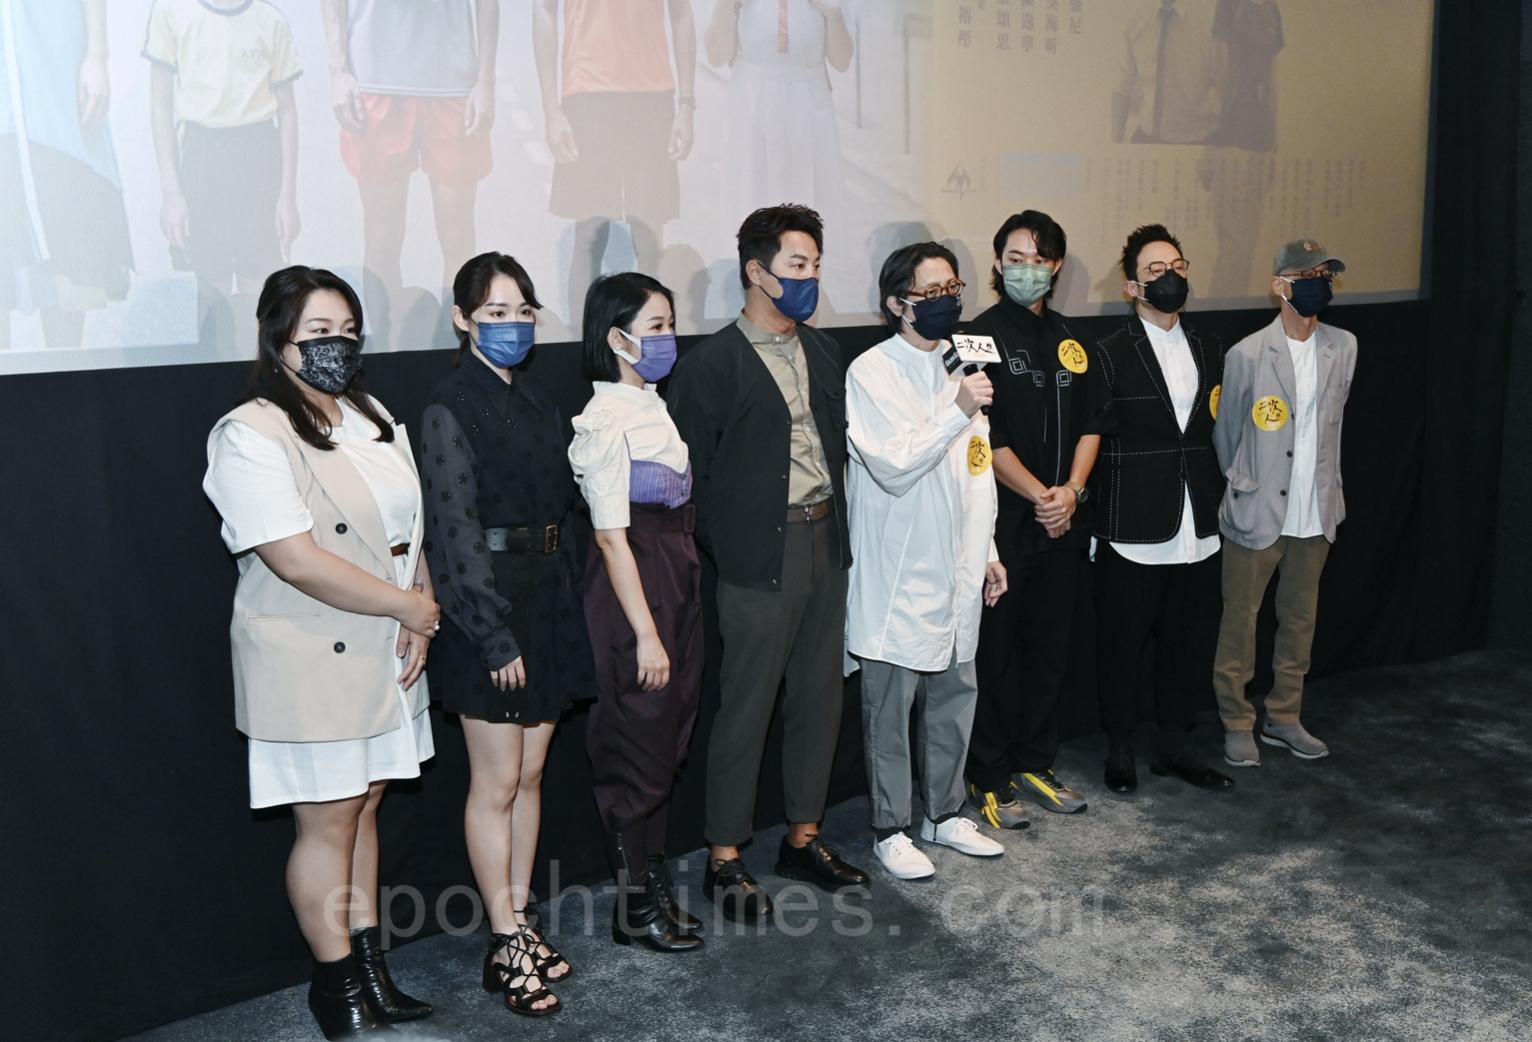 香港電影《二次人生》於香港堅尼地城高先電影院舉行首映禮。(宋碧龍/大紀元)